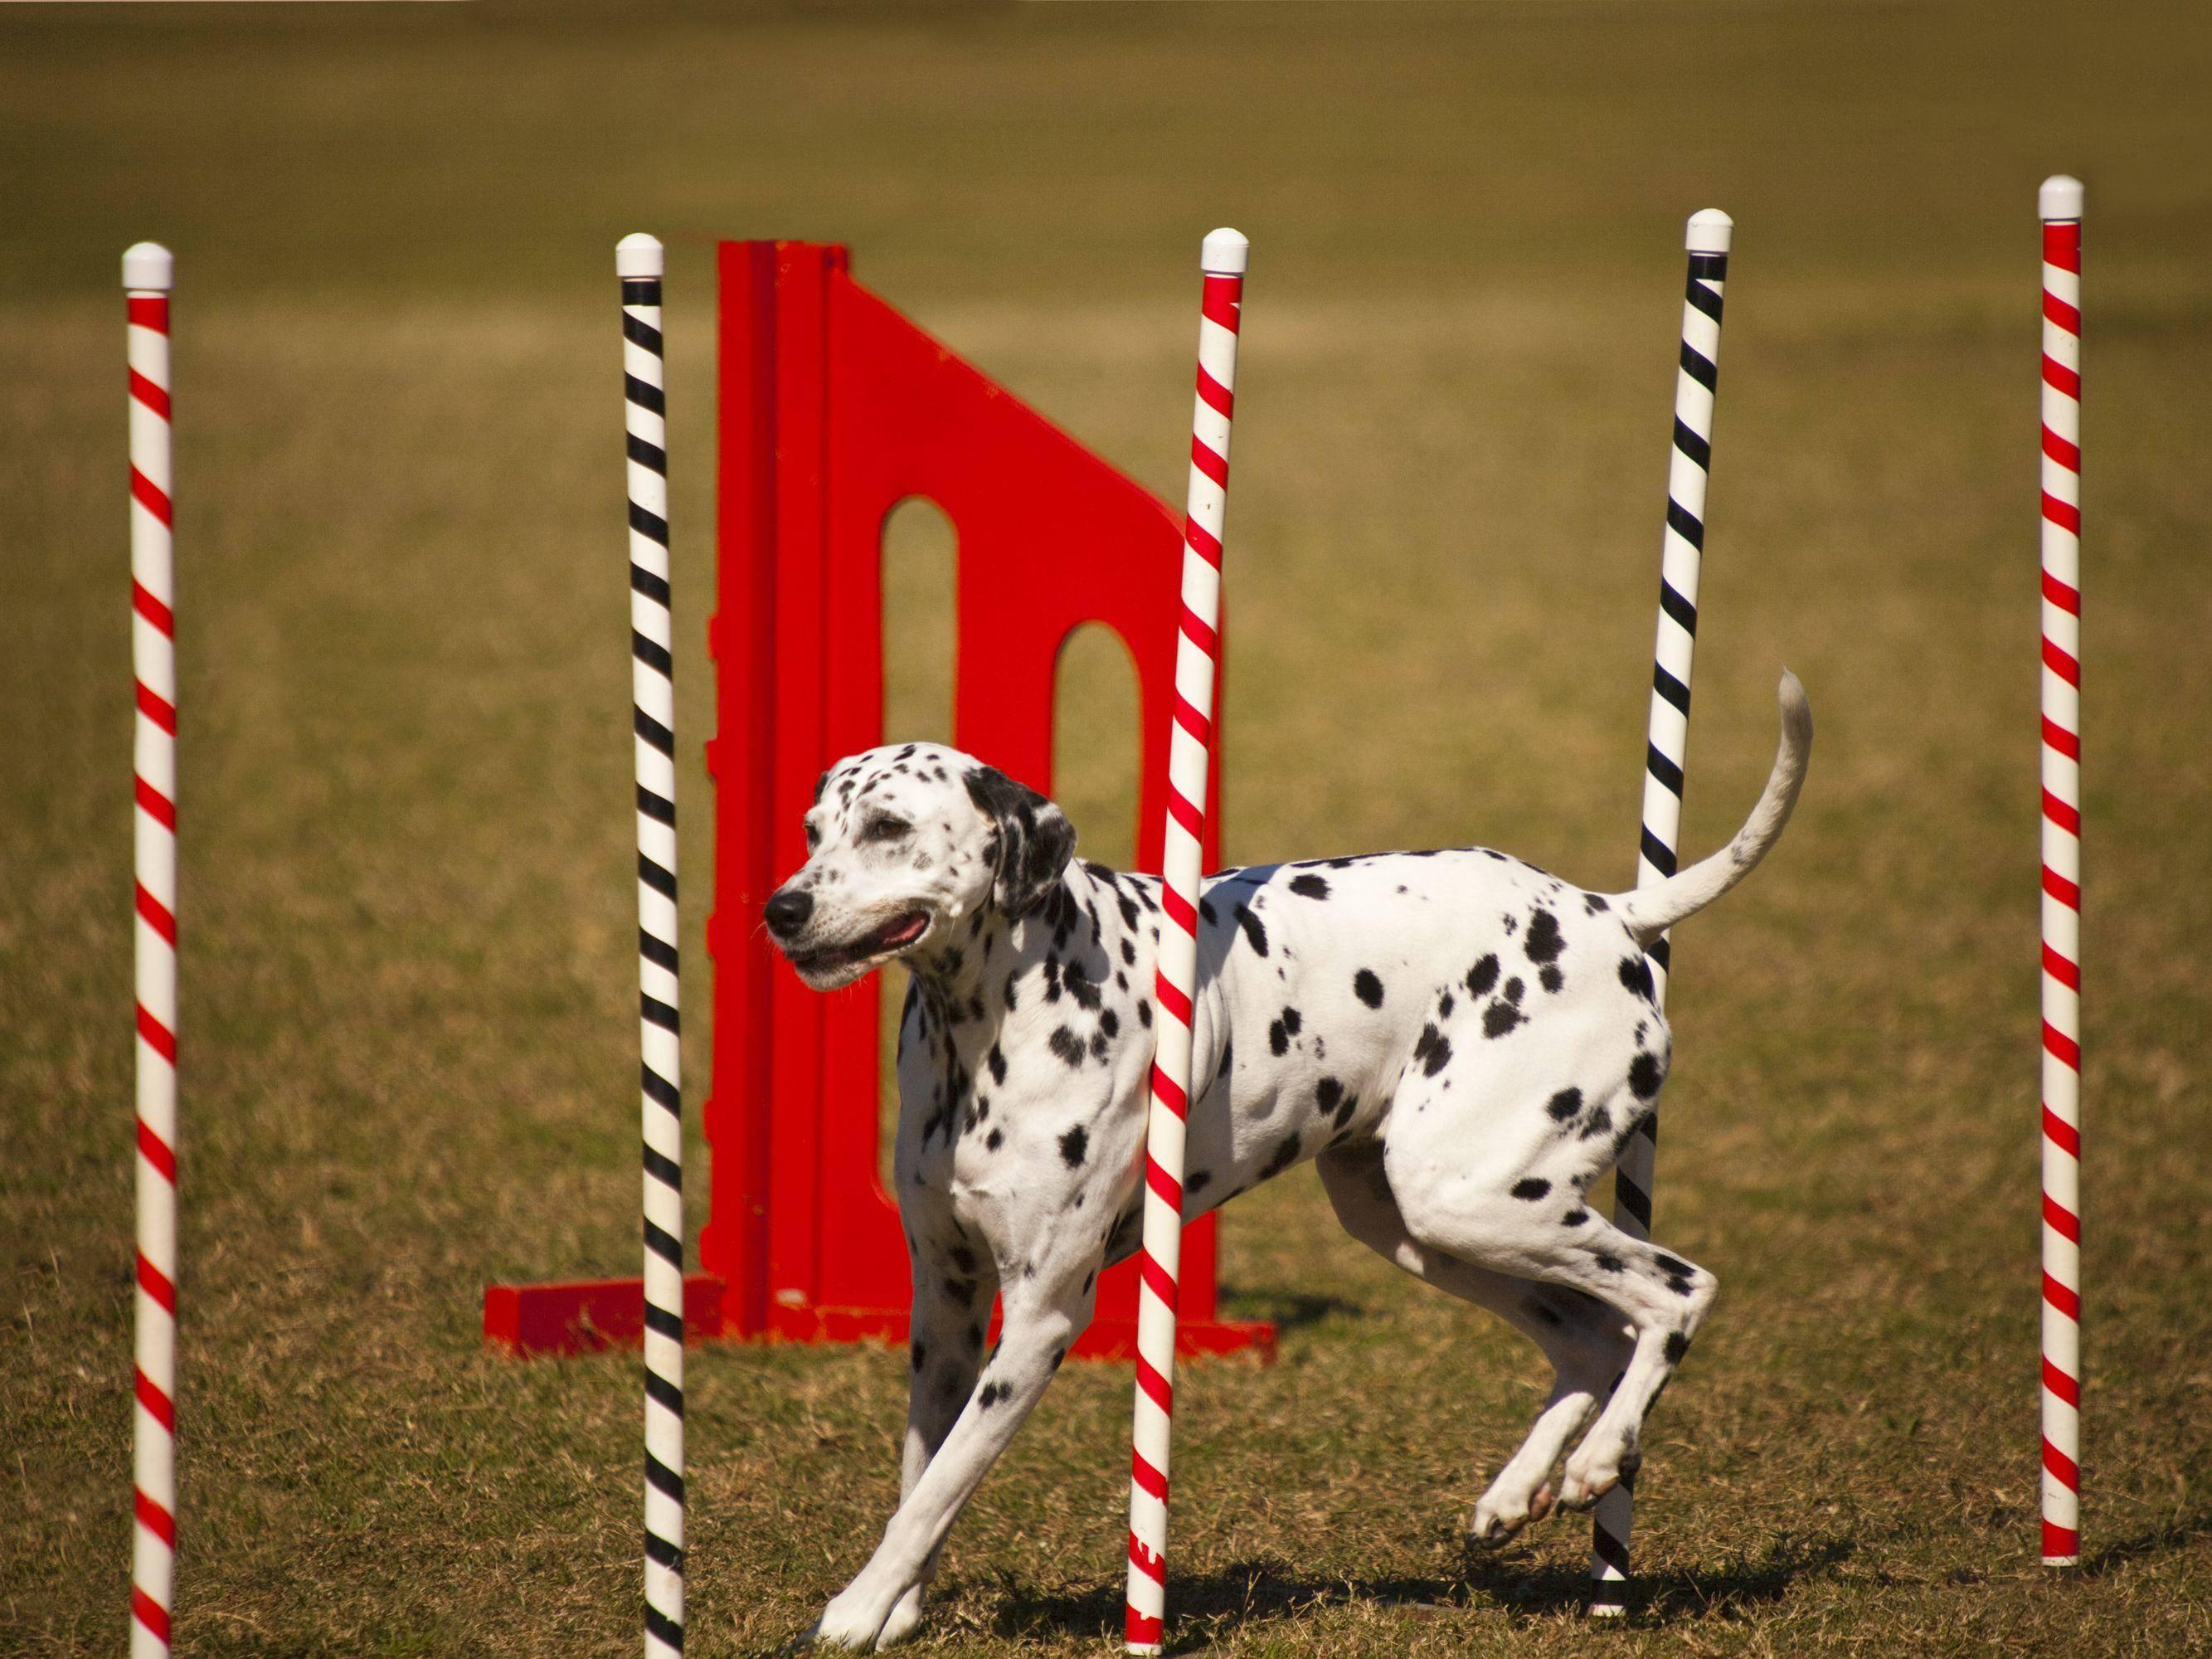 Agility-Sport ist für alle Hunderassen offen, die Spaß an Spiel und Sport haben, wie dieser Dalmatiner — Bild: Shutterstock / GTS Production